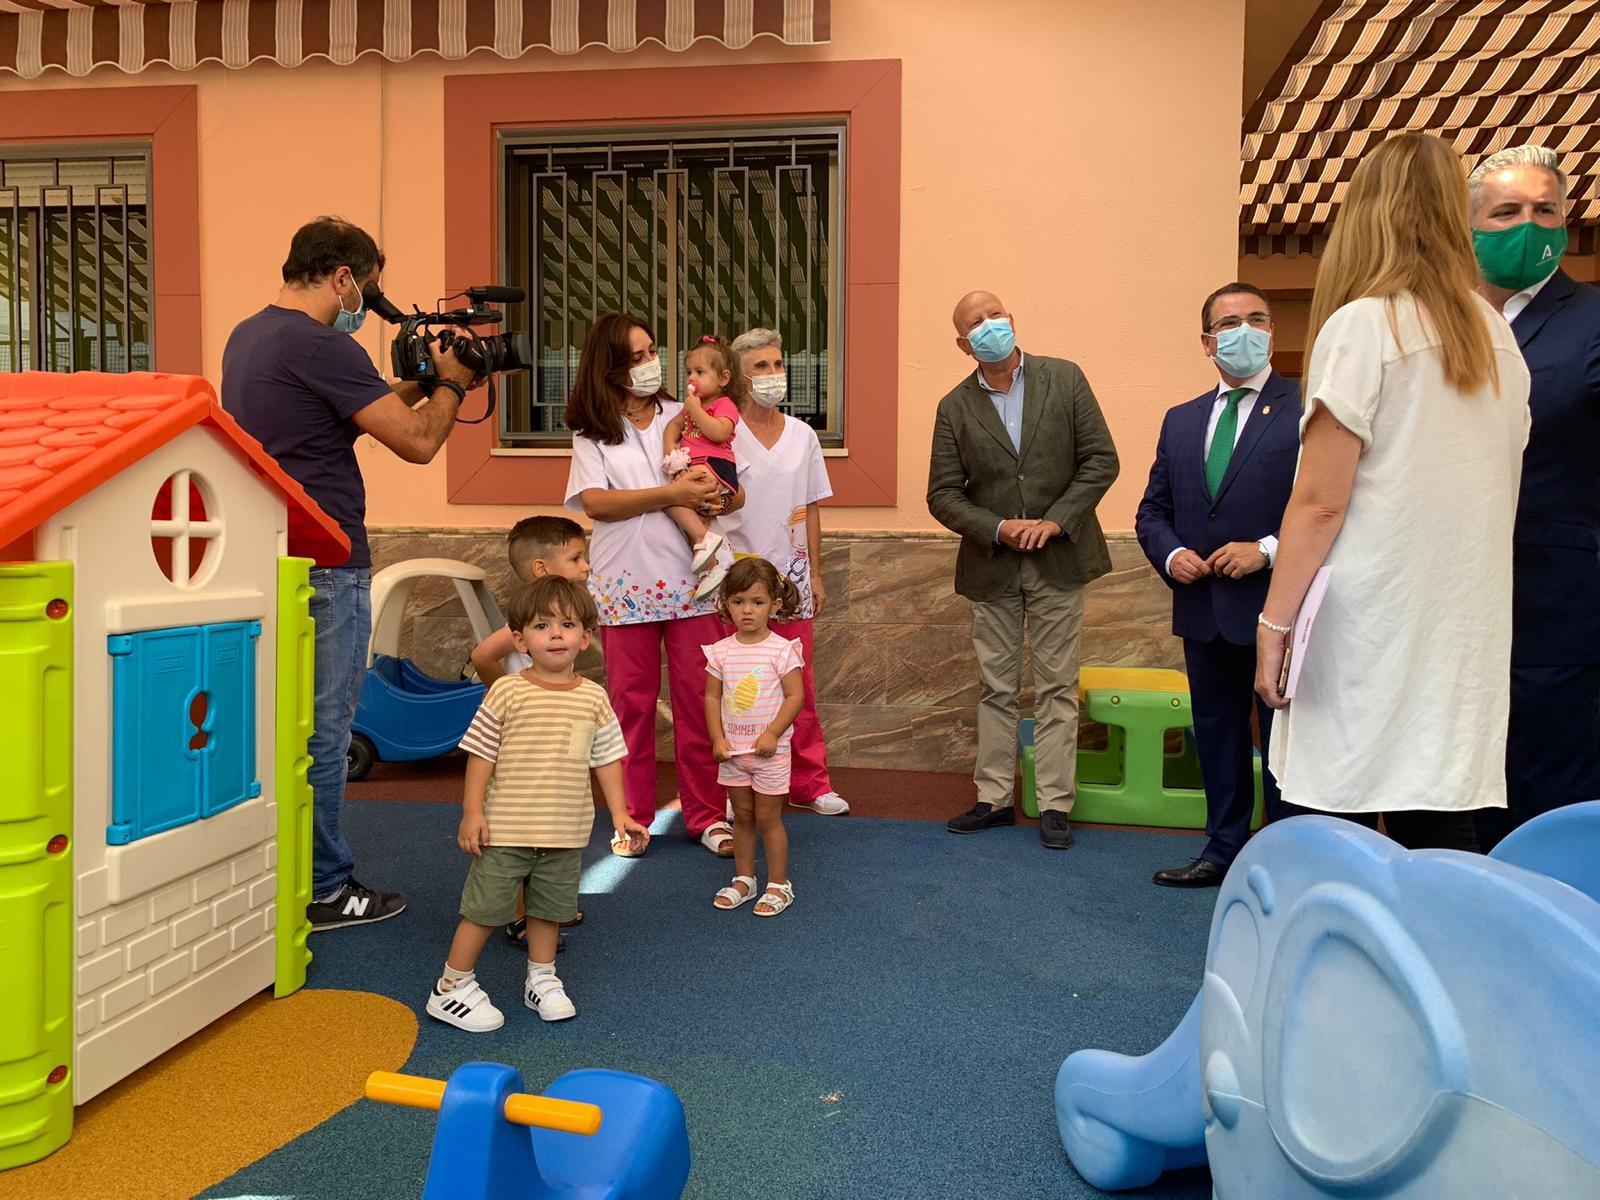 Imbroda destaca que el 1º Ciclo de Infantil acoge en Jaén a 400 escolares más que el curso pasado